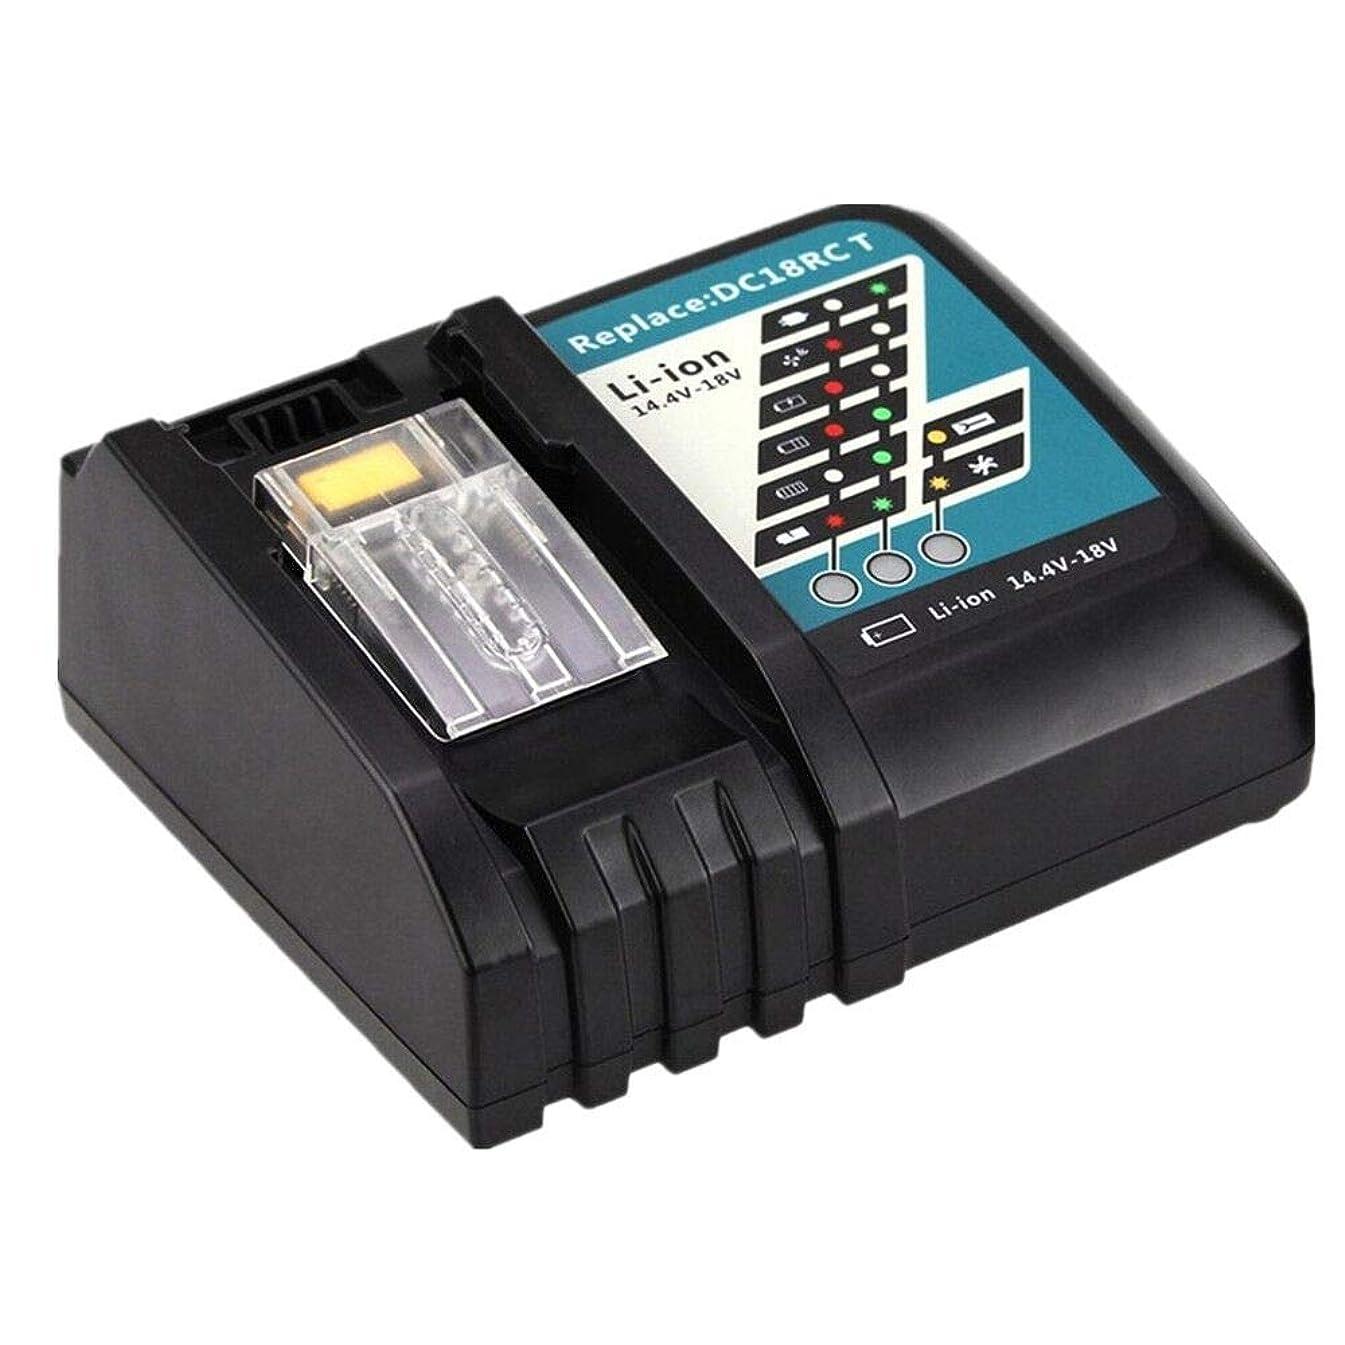 スケジュール福祉広がりEnermall マキタ充電器 DC18RC マキタ 18v バッテリー マキタ 14.4v バッテリー BL1860 BL1460対応 急速充電 互換用 充電完了メロディ付き …